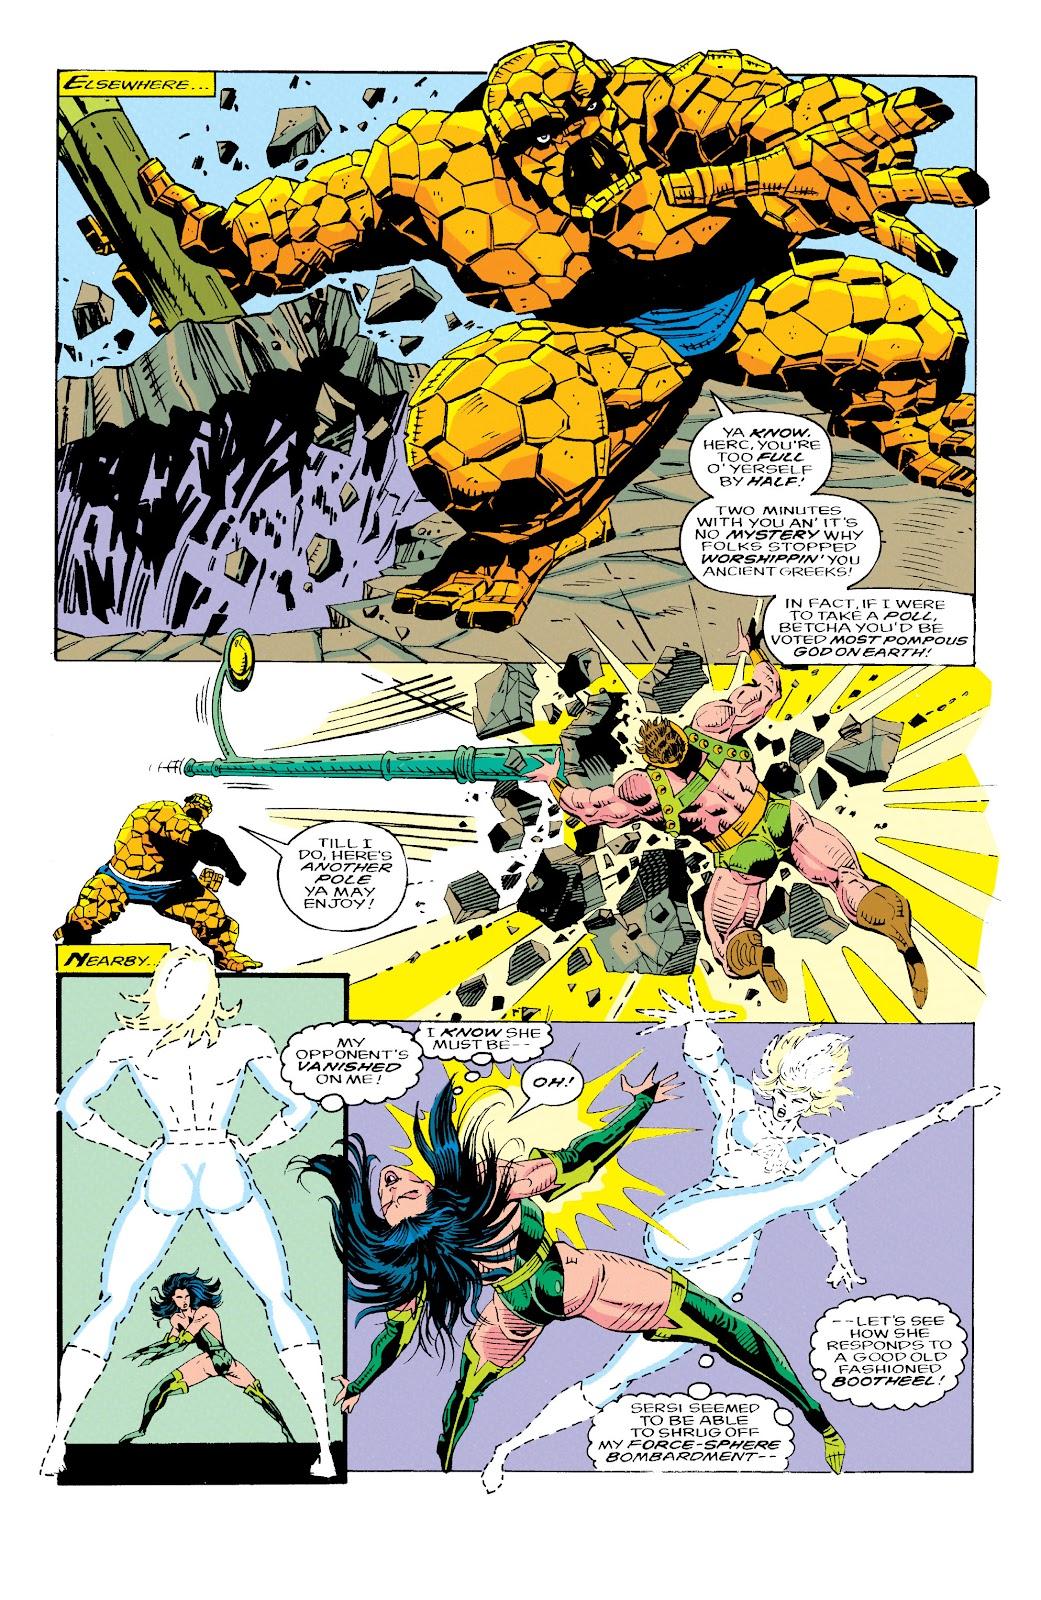 Read online Avengers: Citizen Kang comic -  Issue # TPB (Part 2) - 36